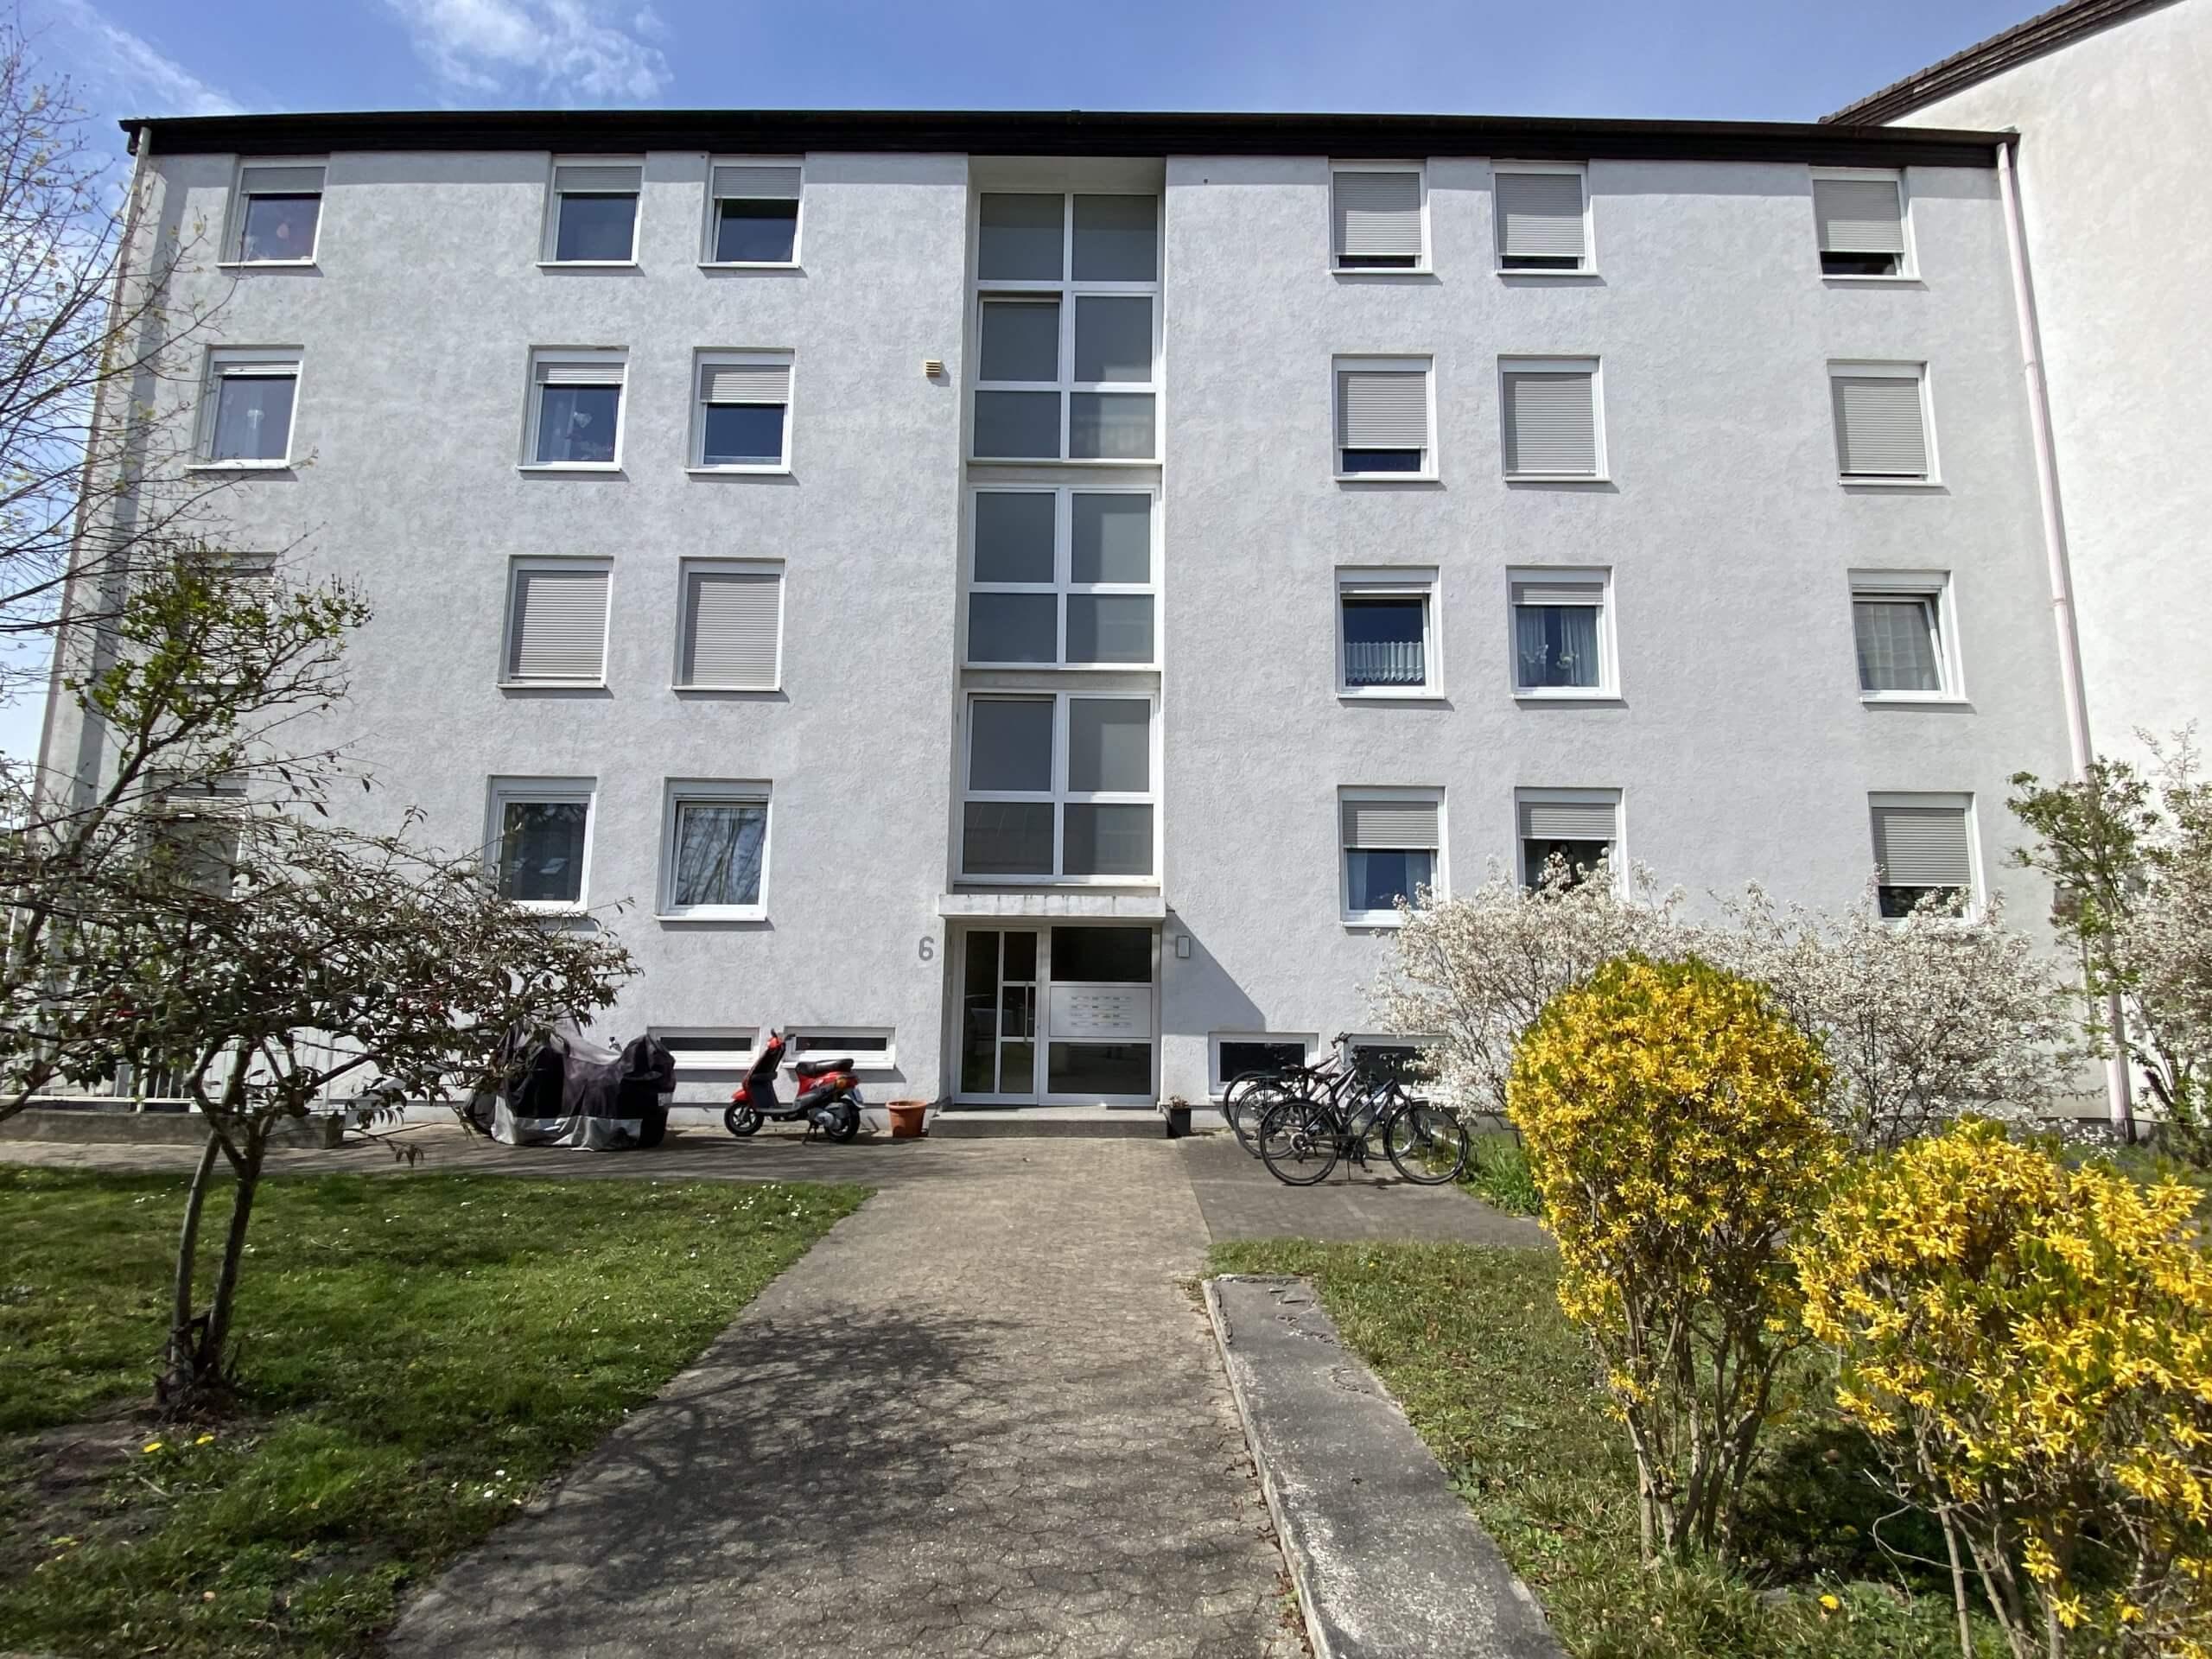 SONNIGE AUSSICHTEN: 3-Zimmer Eigentumswohnung mit Westbalkon in Stutensee-Büchig